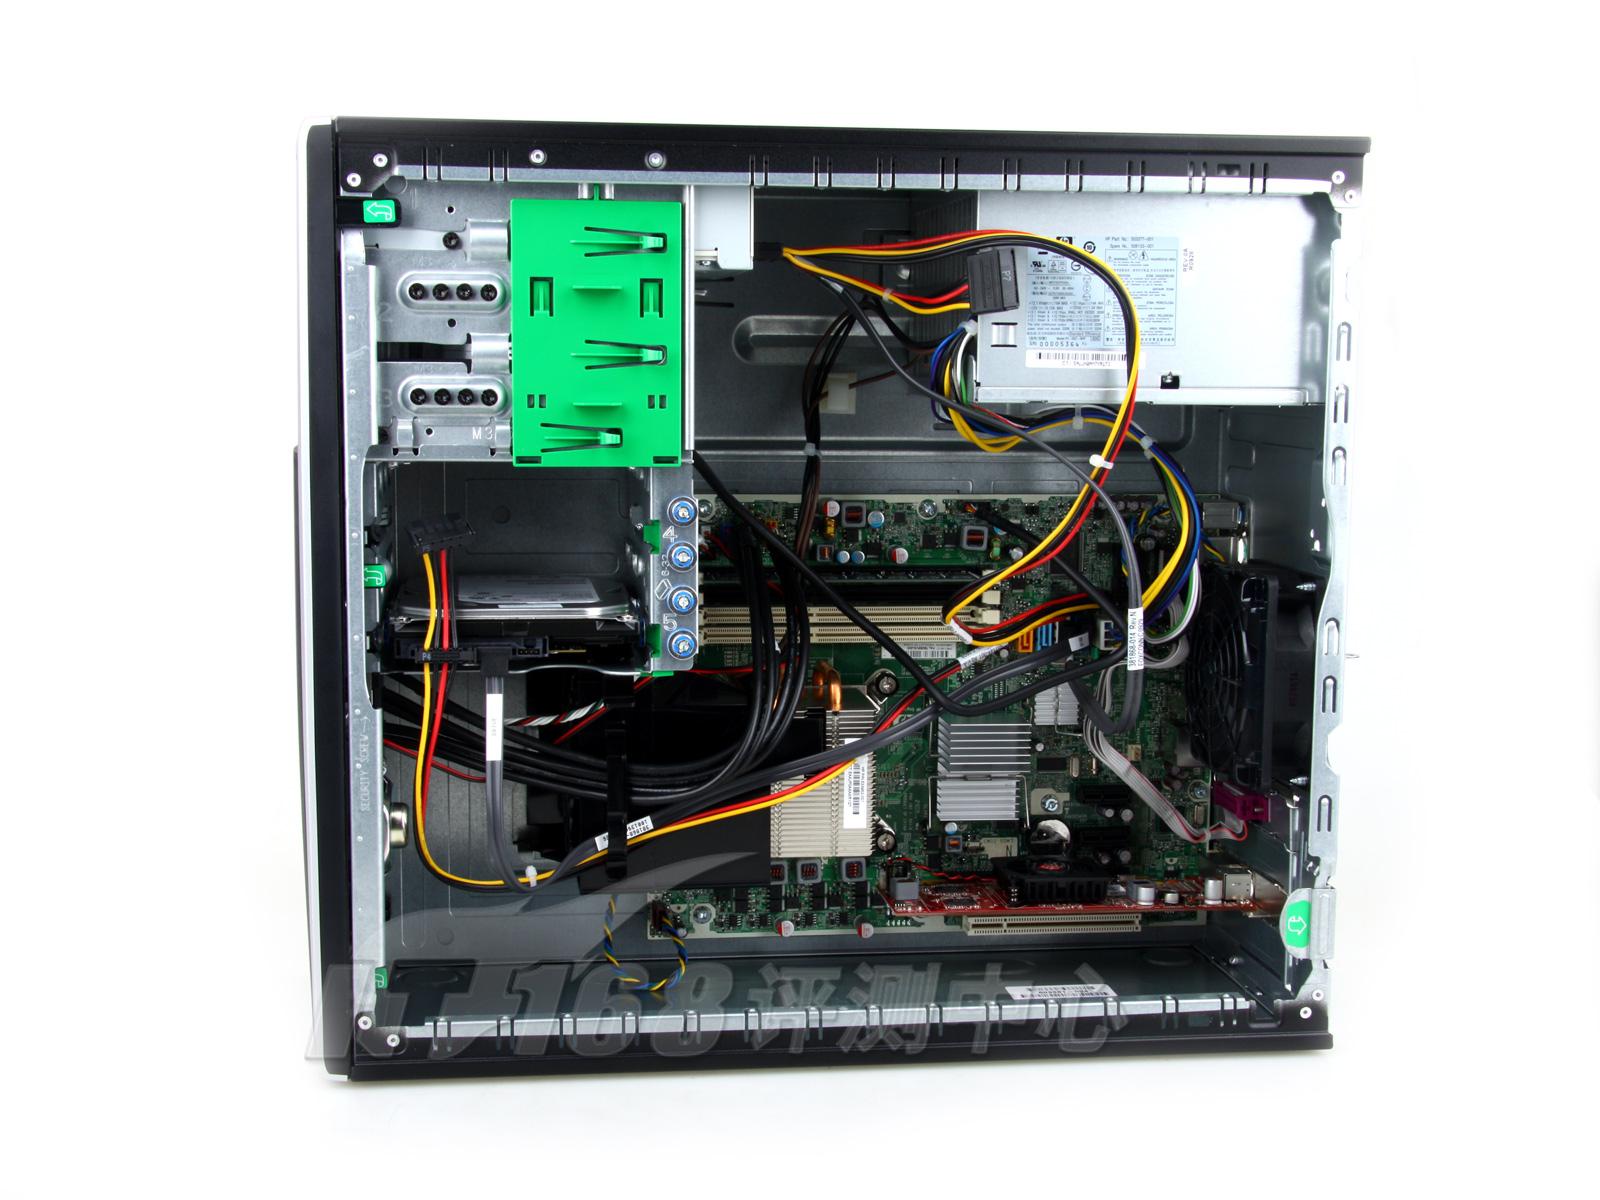 主机背后没有常见的侧板固定螺丝,仅靠侧挡板上的一个小把手就可以轻松开启侧盖了。侧盖打开后我们看到内部有很多绿色带箭头的小按键,其实这些就是开启每一个配件的开关。例如电源,我们可以按照箭头所指方向轻松抬起(硬盘就位于电源的下方)、光驱可以在按下开关的时候想外侧翻转、三个前挡板上的箭头可以指示拆卸前盖的方法,每一部分都十分的轻松方便,在模块化设计的功力上惠普的工程师可谓下足了功夫。